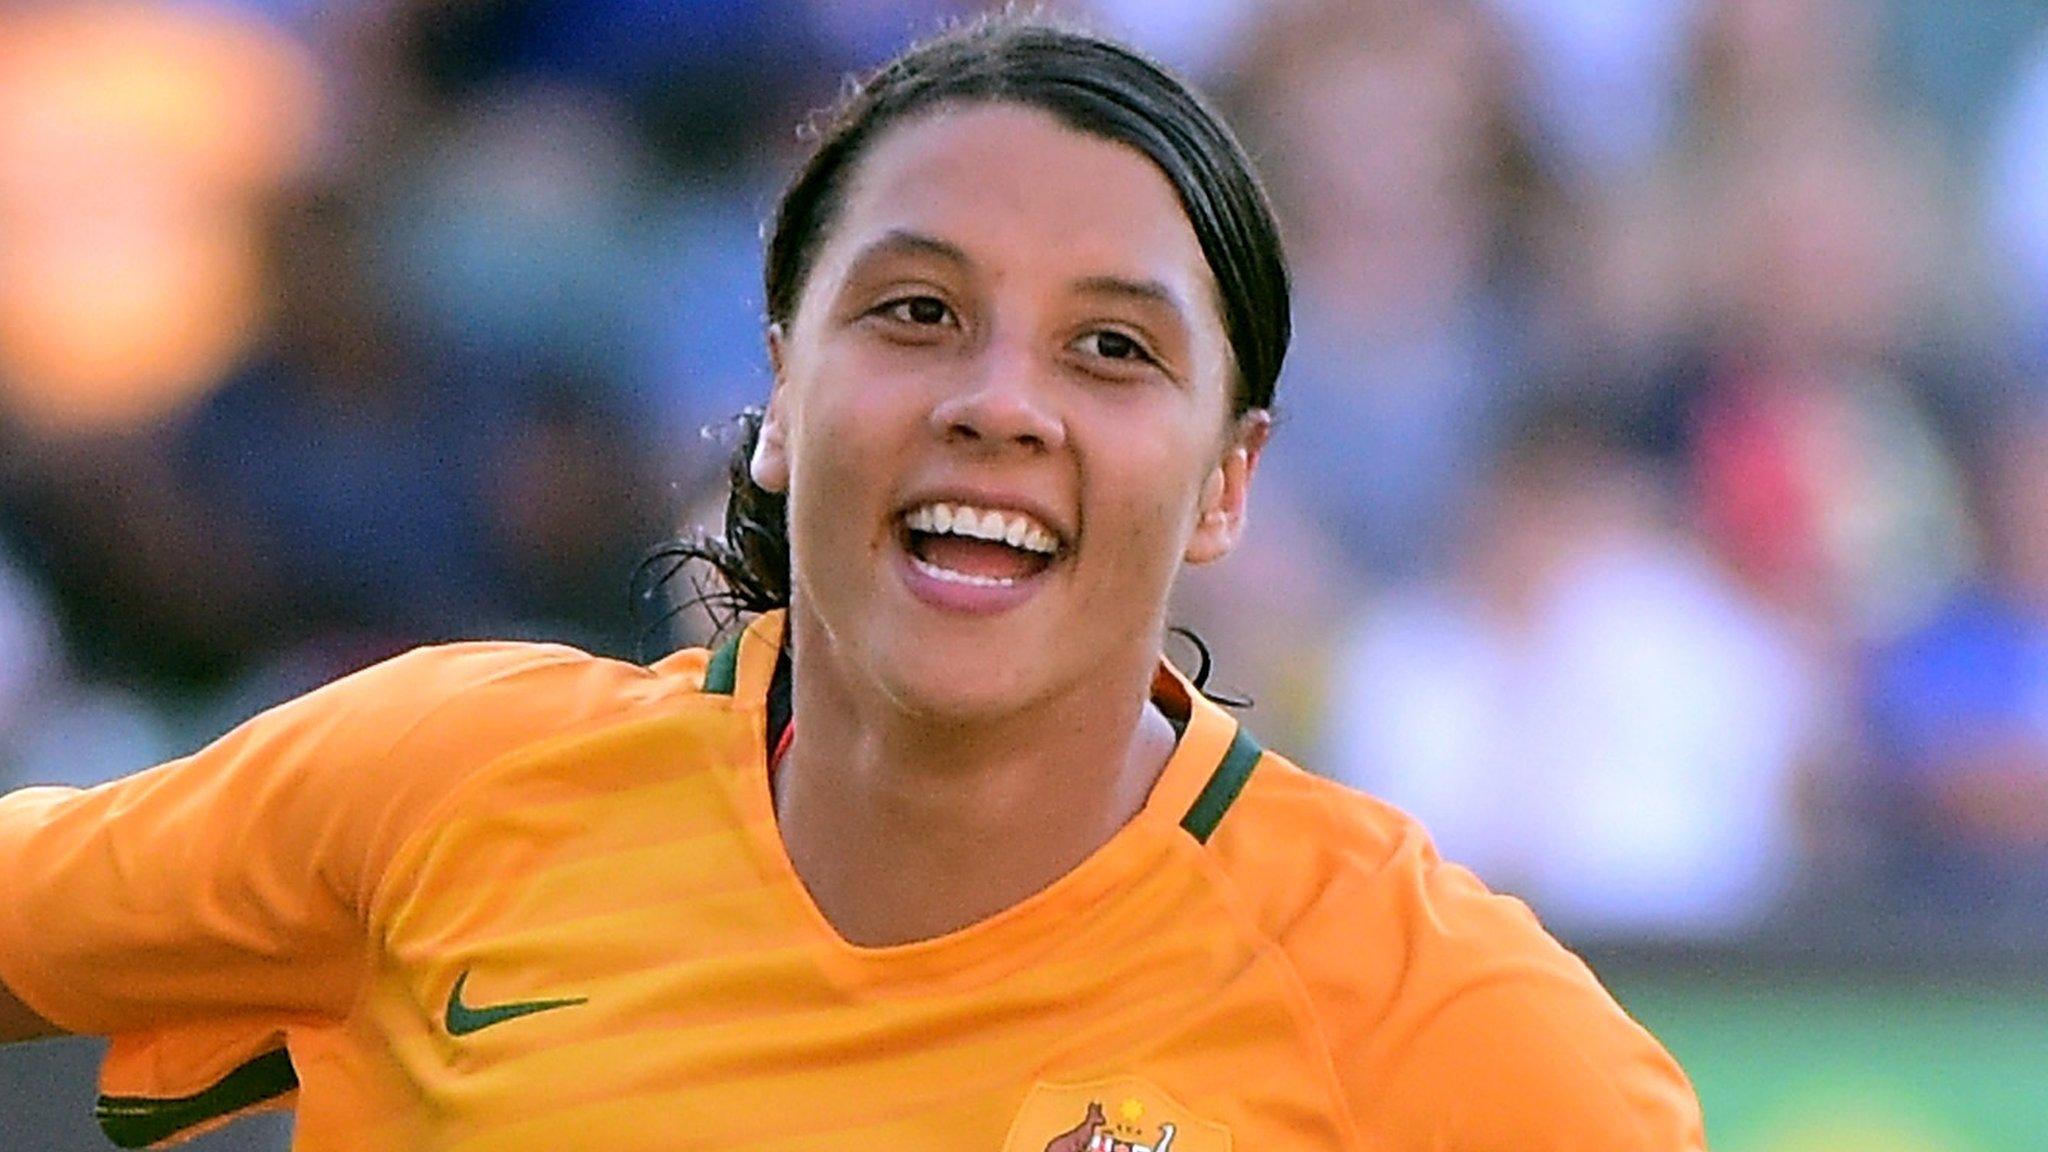 Women's Footballer of the Year contender Sam Kerr